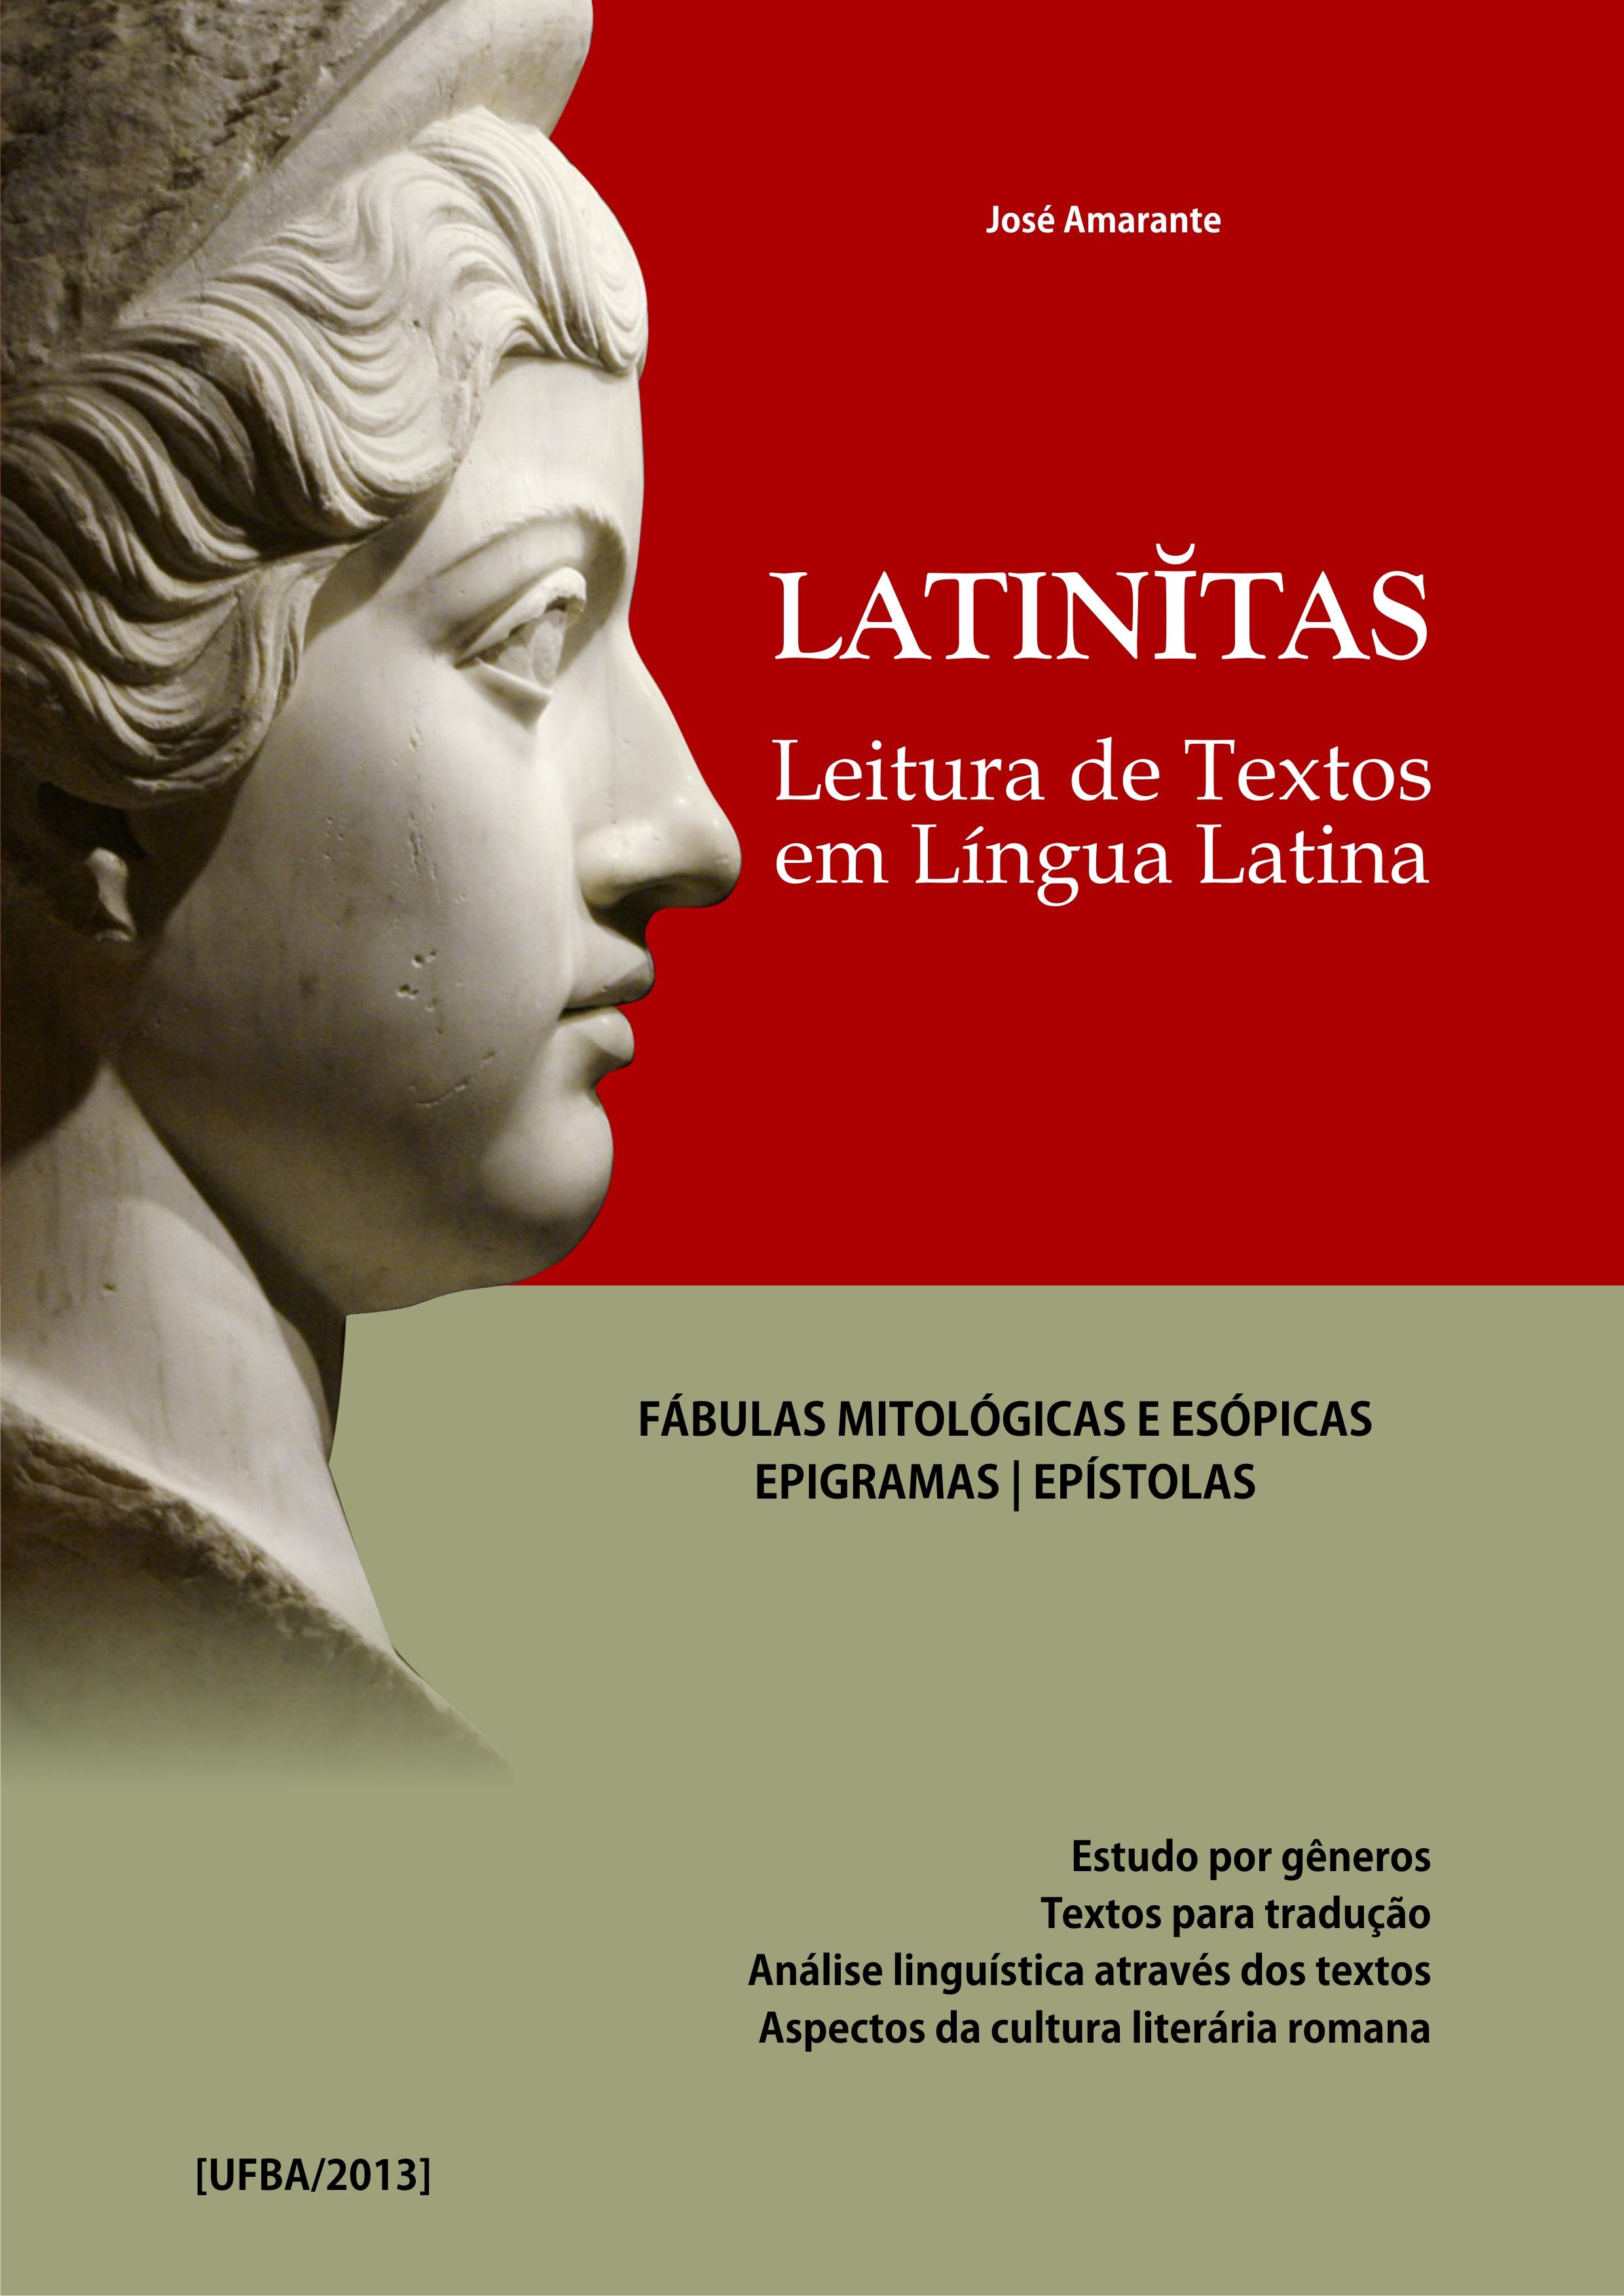 CAPA_LIVRO_LATINITAS_vermelho_FRENTE